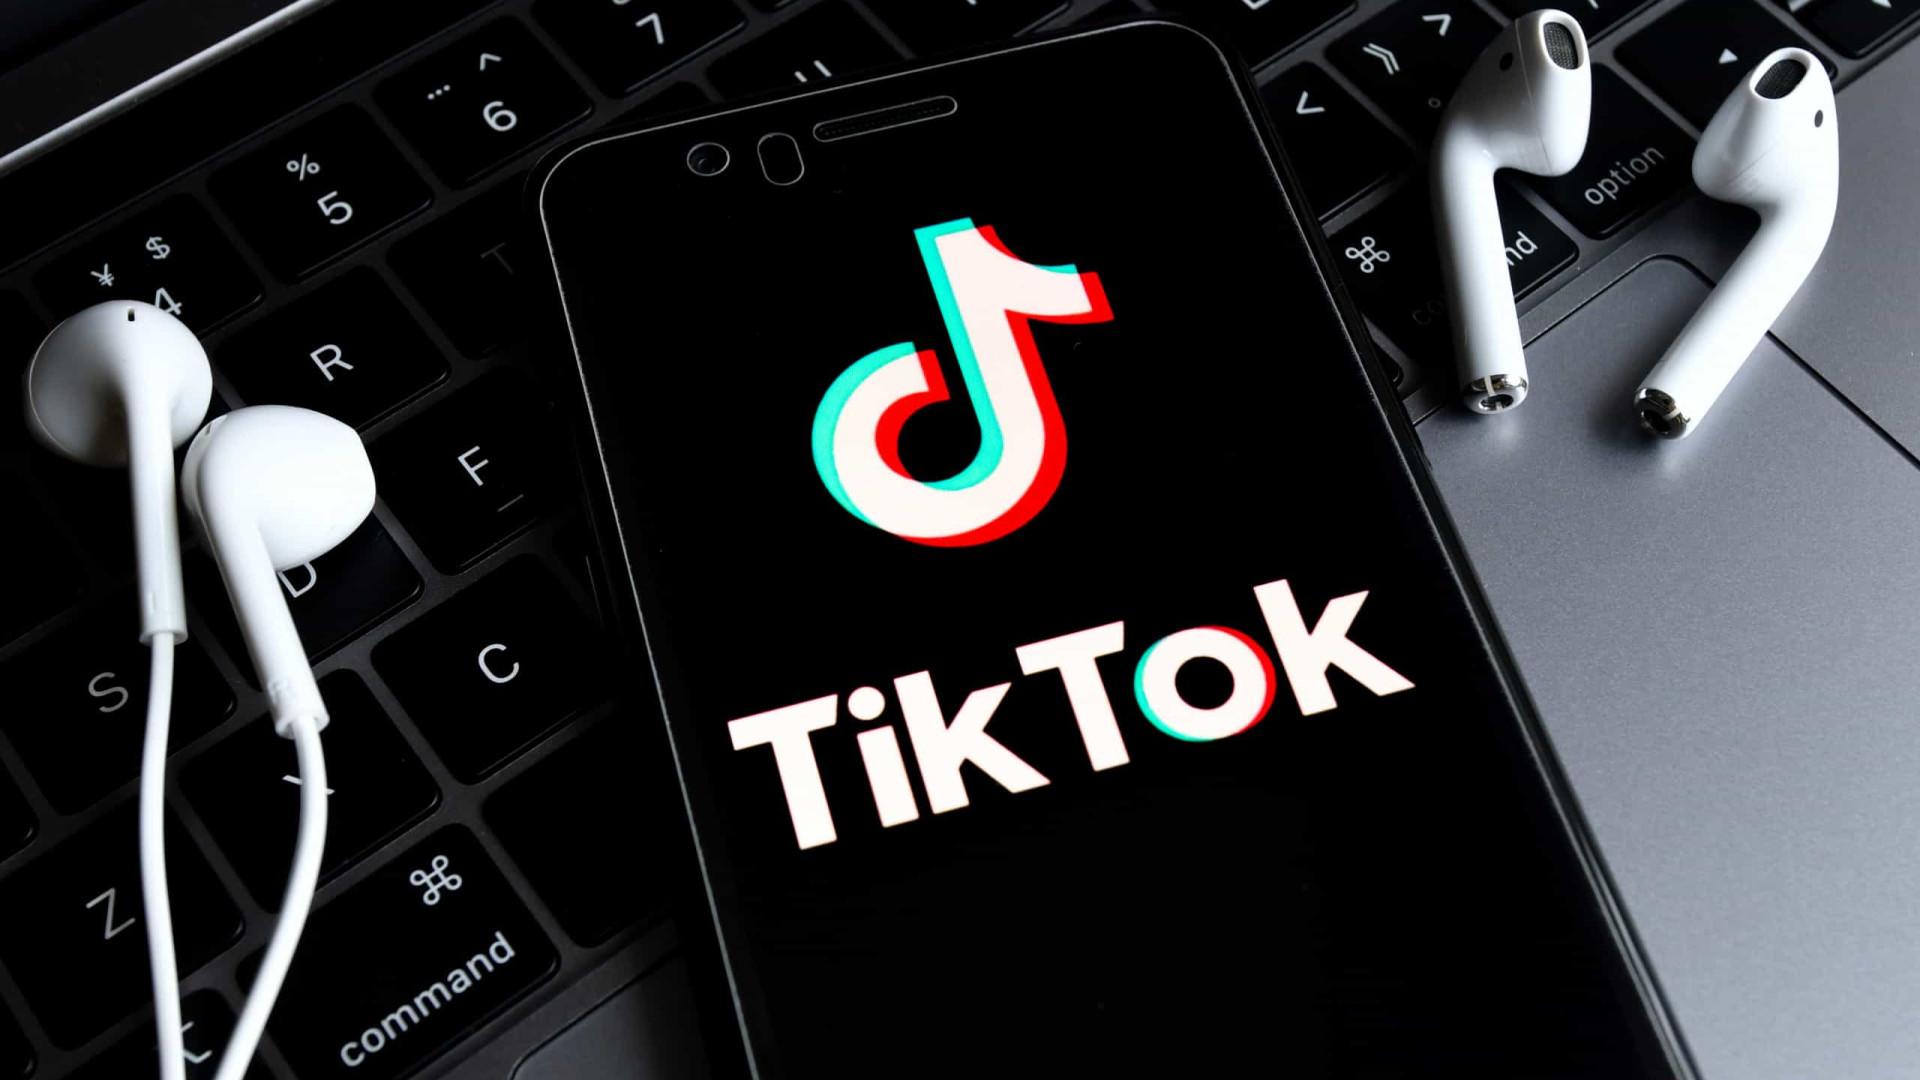 TikTok apagou 104 milhões de vídeos no primeiro semestre de 2020